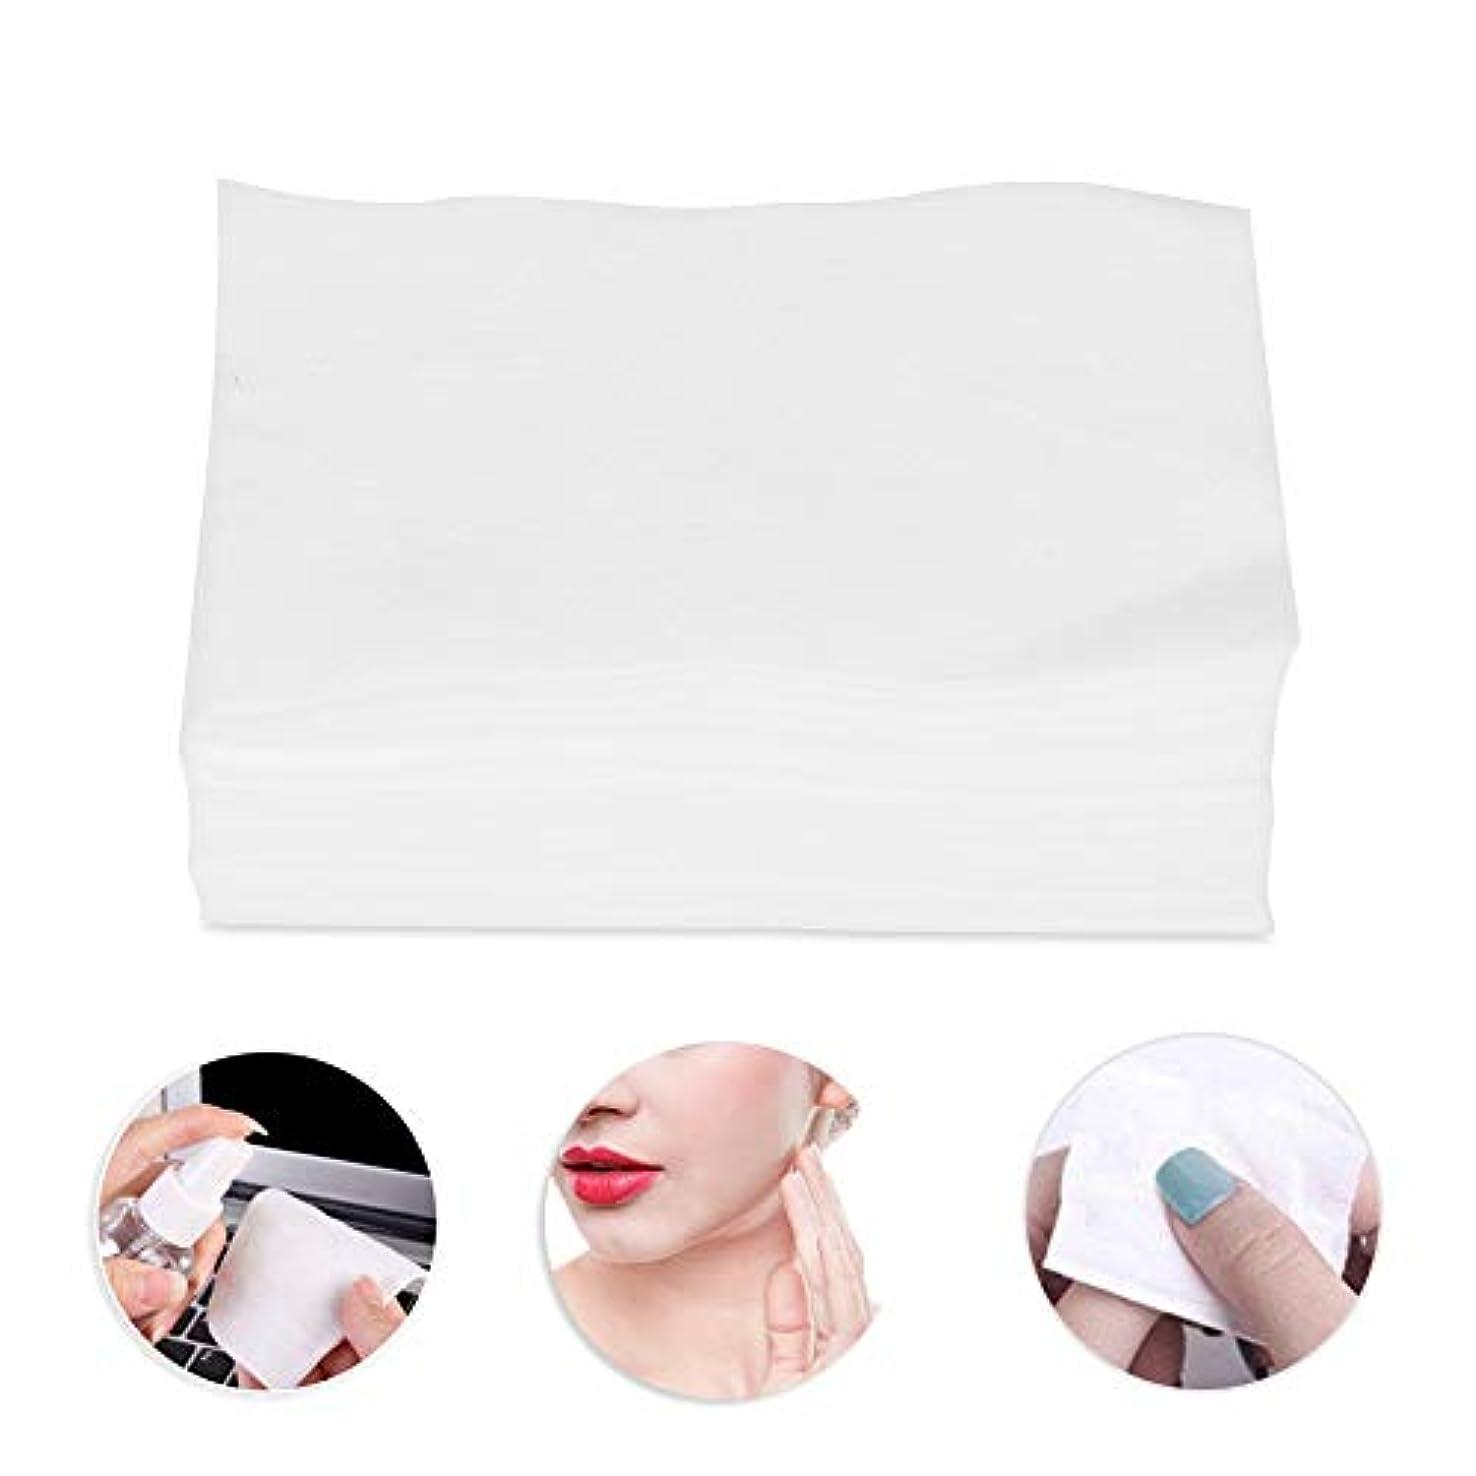 指令バケツリーズ300個の化粧コットンパッド、化粧リムーバースキンケアクリーニングワイプ用の柔らかいコットン